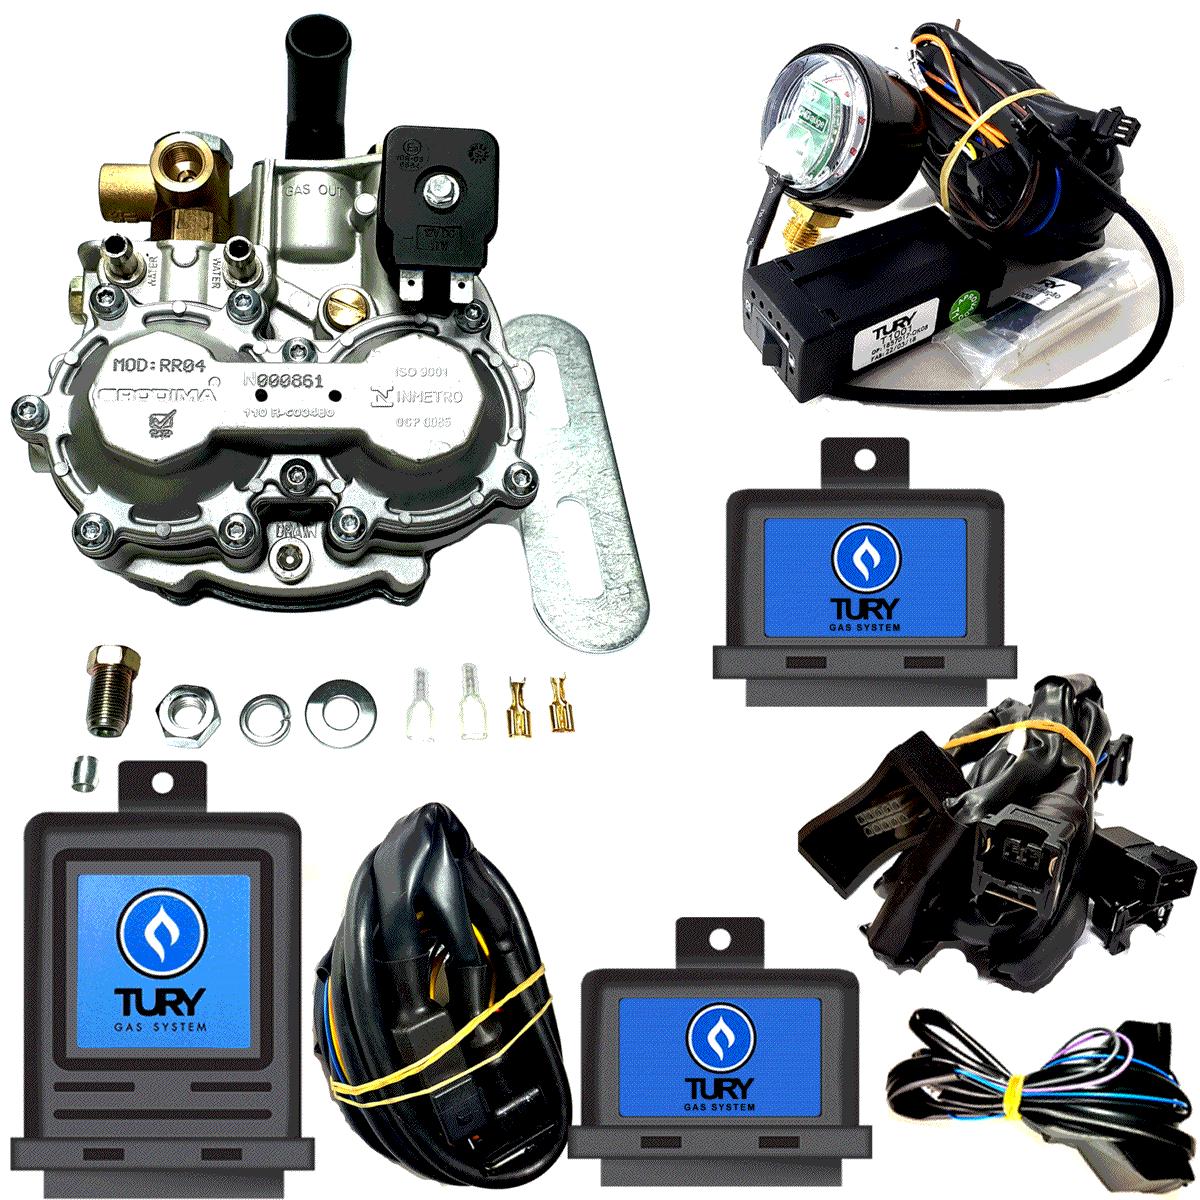 Kit 3ª geração Redutor Rodima e Eletrônicos 1 combustível líquido